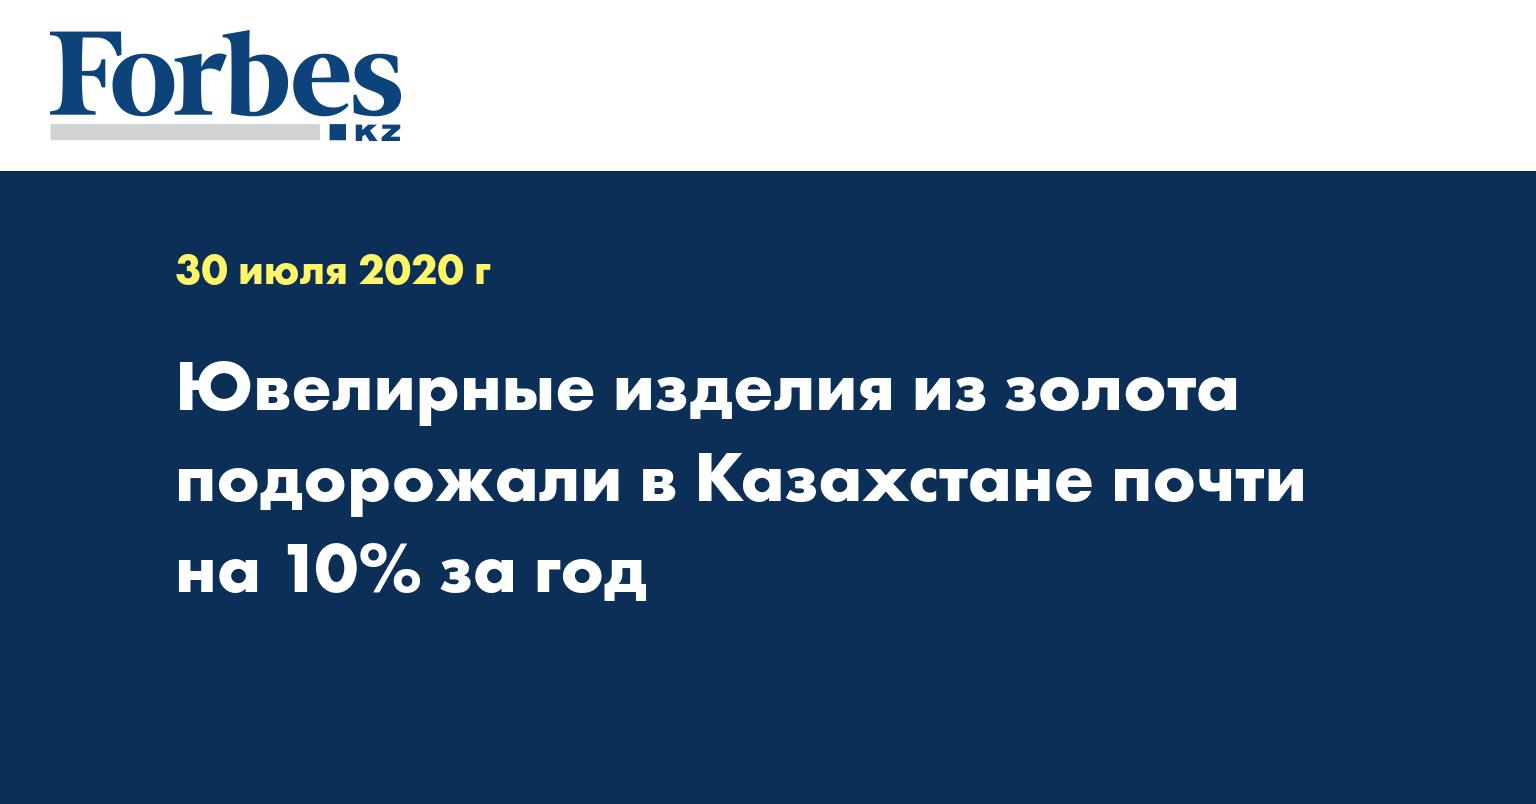 Ювелирные изделия из золота подорожали в Казахстане почти на 10% за год